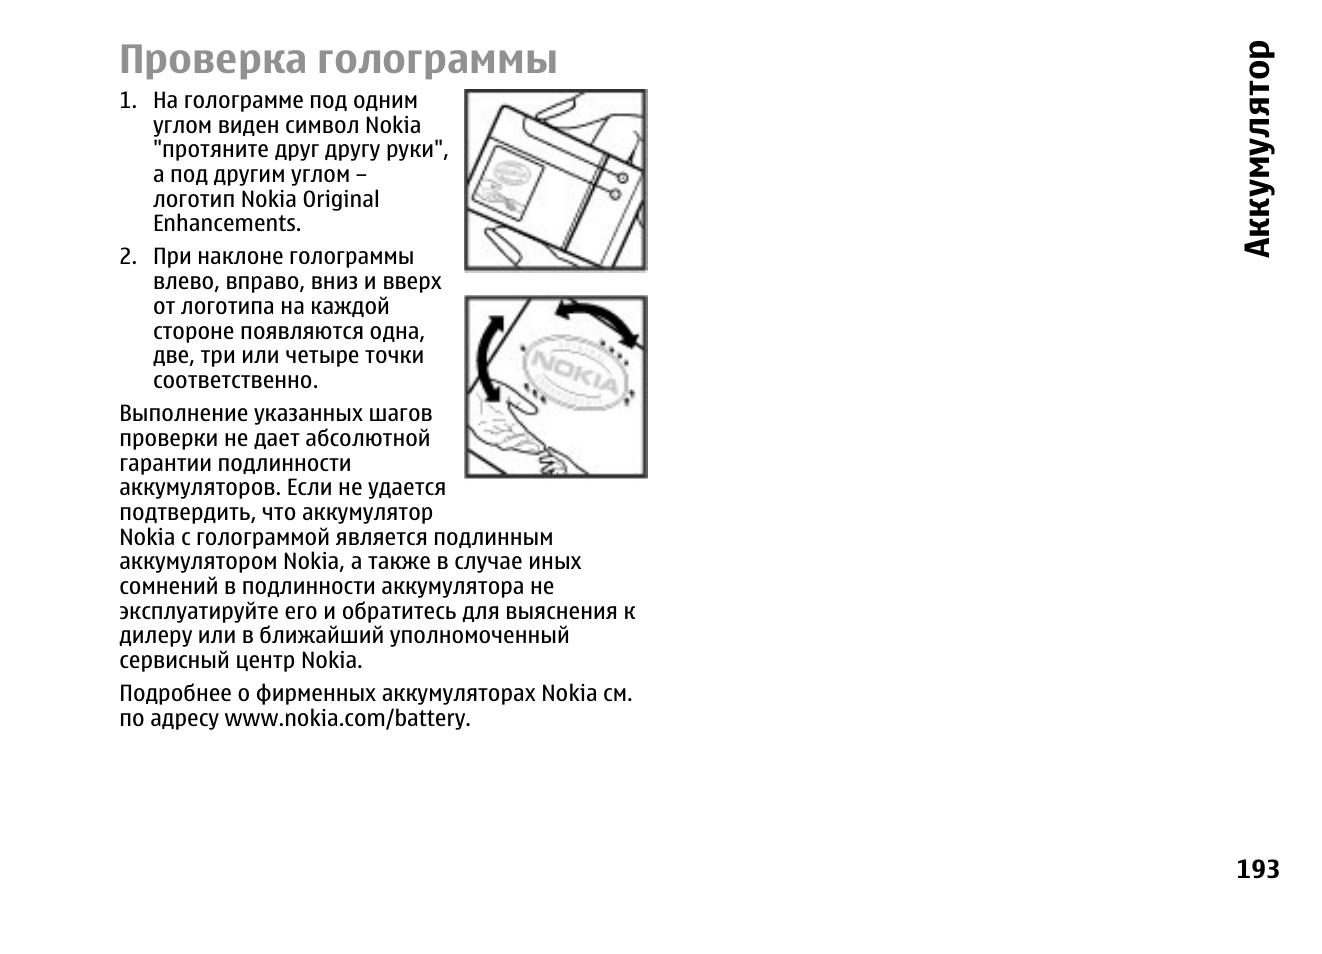 Проверка голограммы, Аккумулятор | Инструкция по эксплуатации Nokia E72 |  Страница 193 / 208